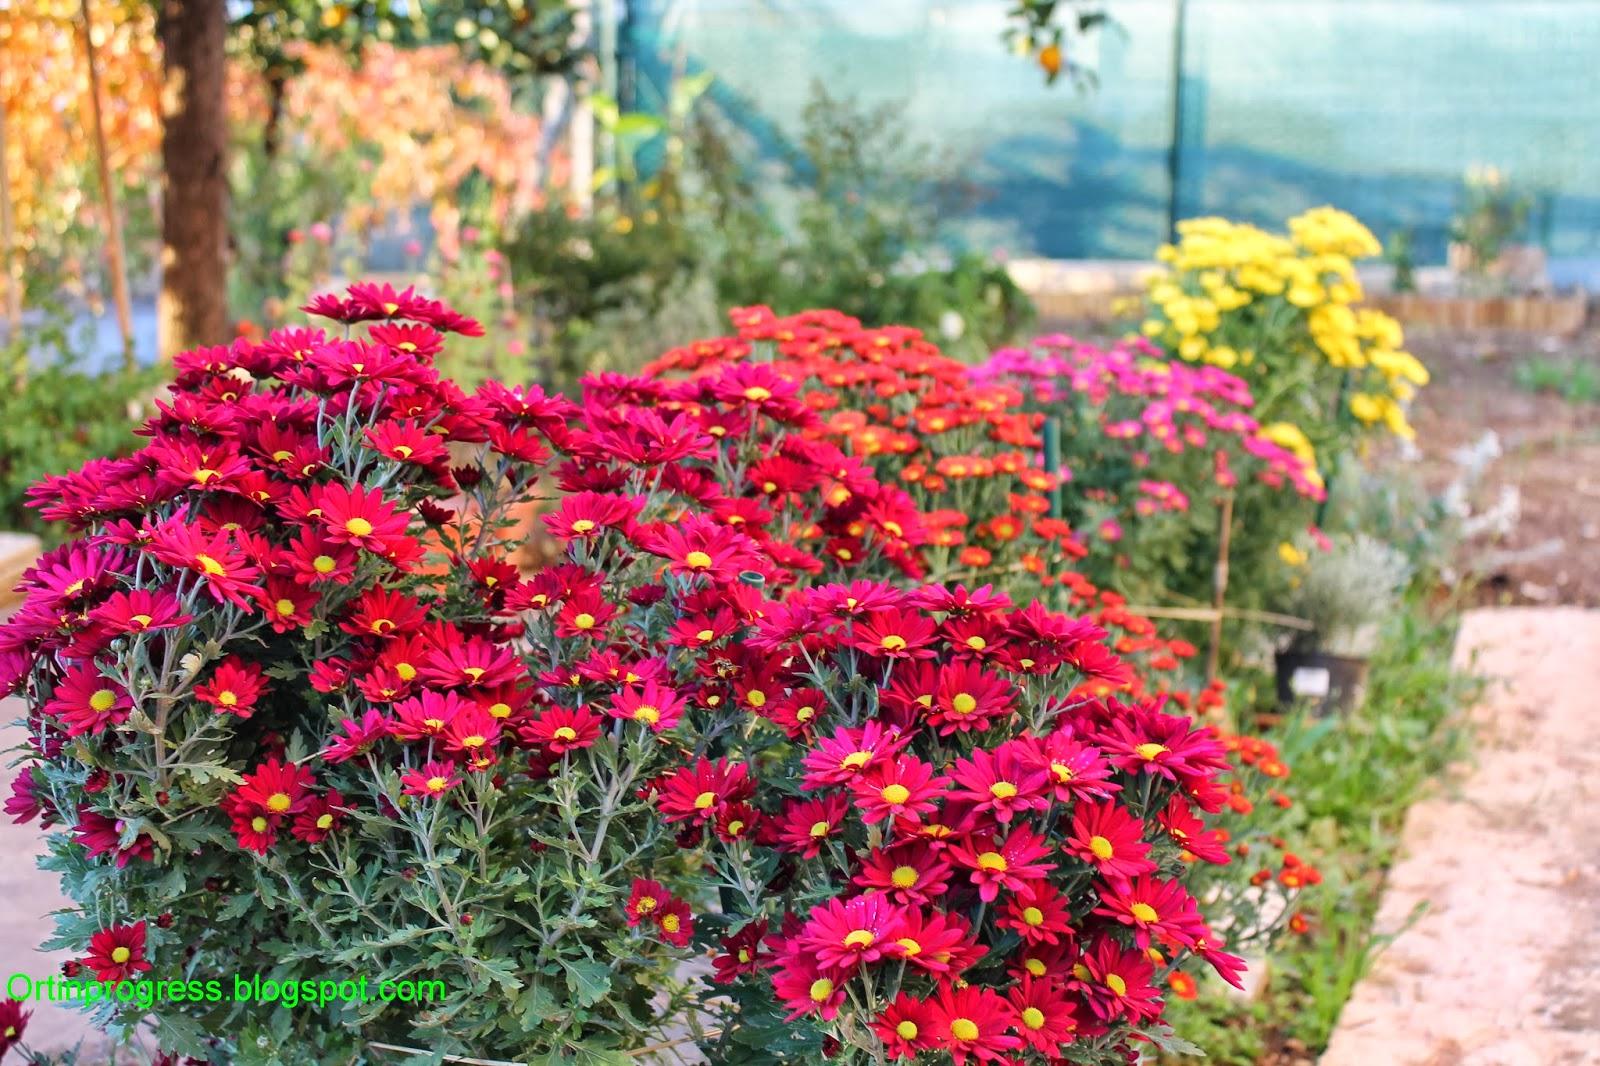 Orti in progress fiori e foglie come fiamme for Albero di cachi